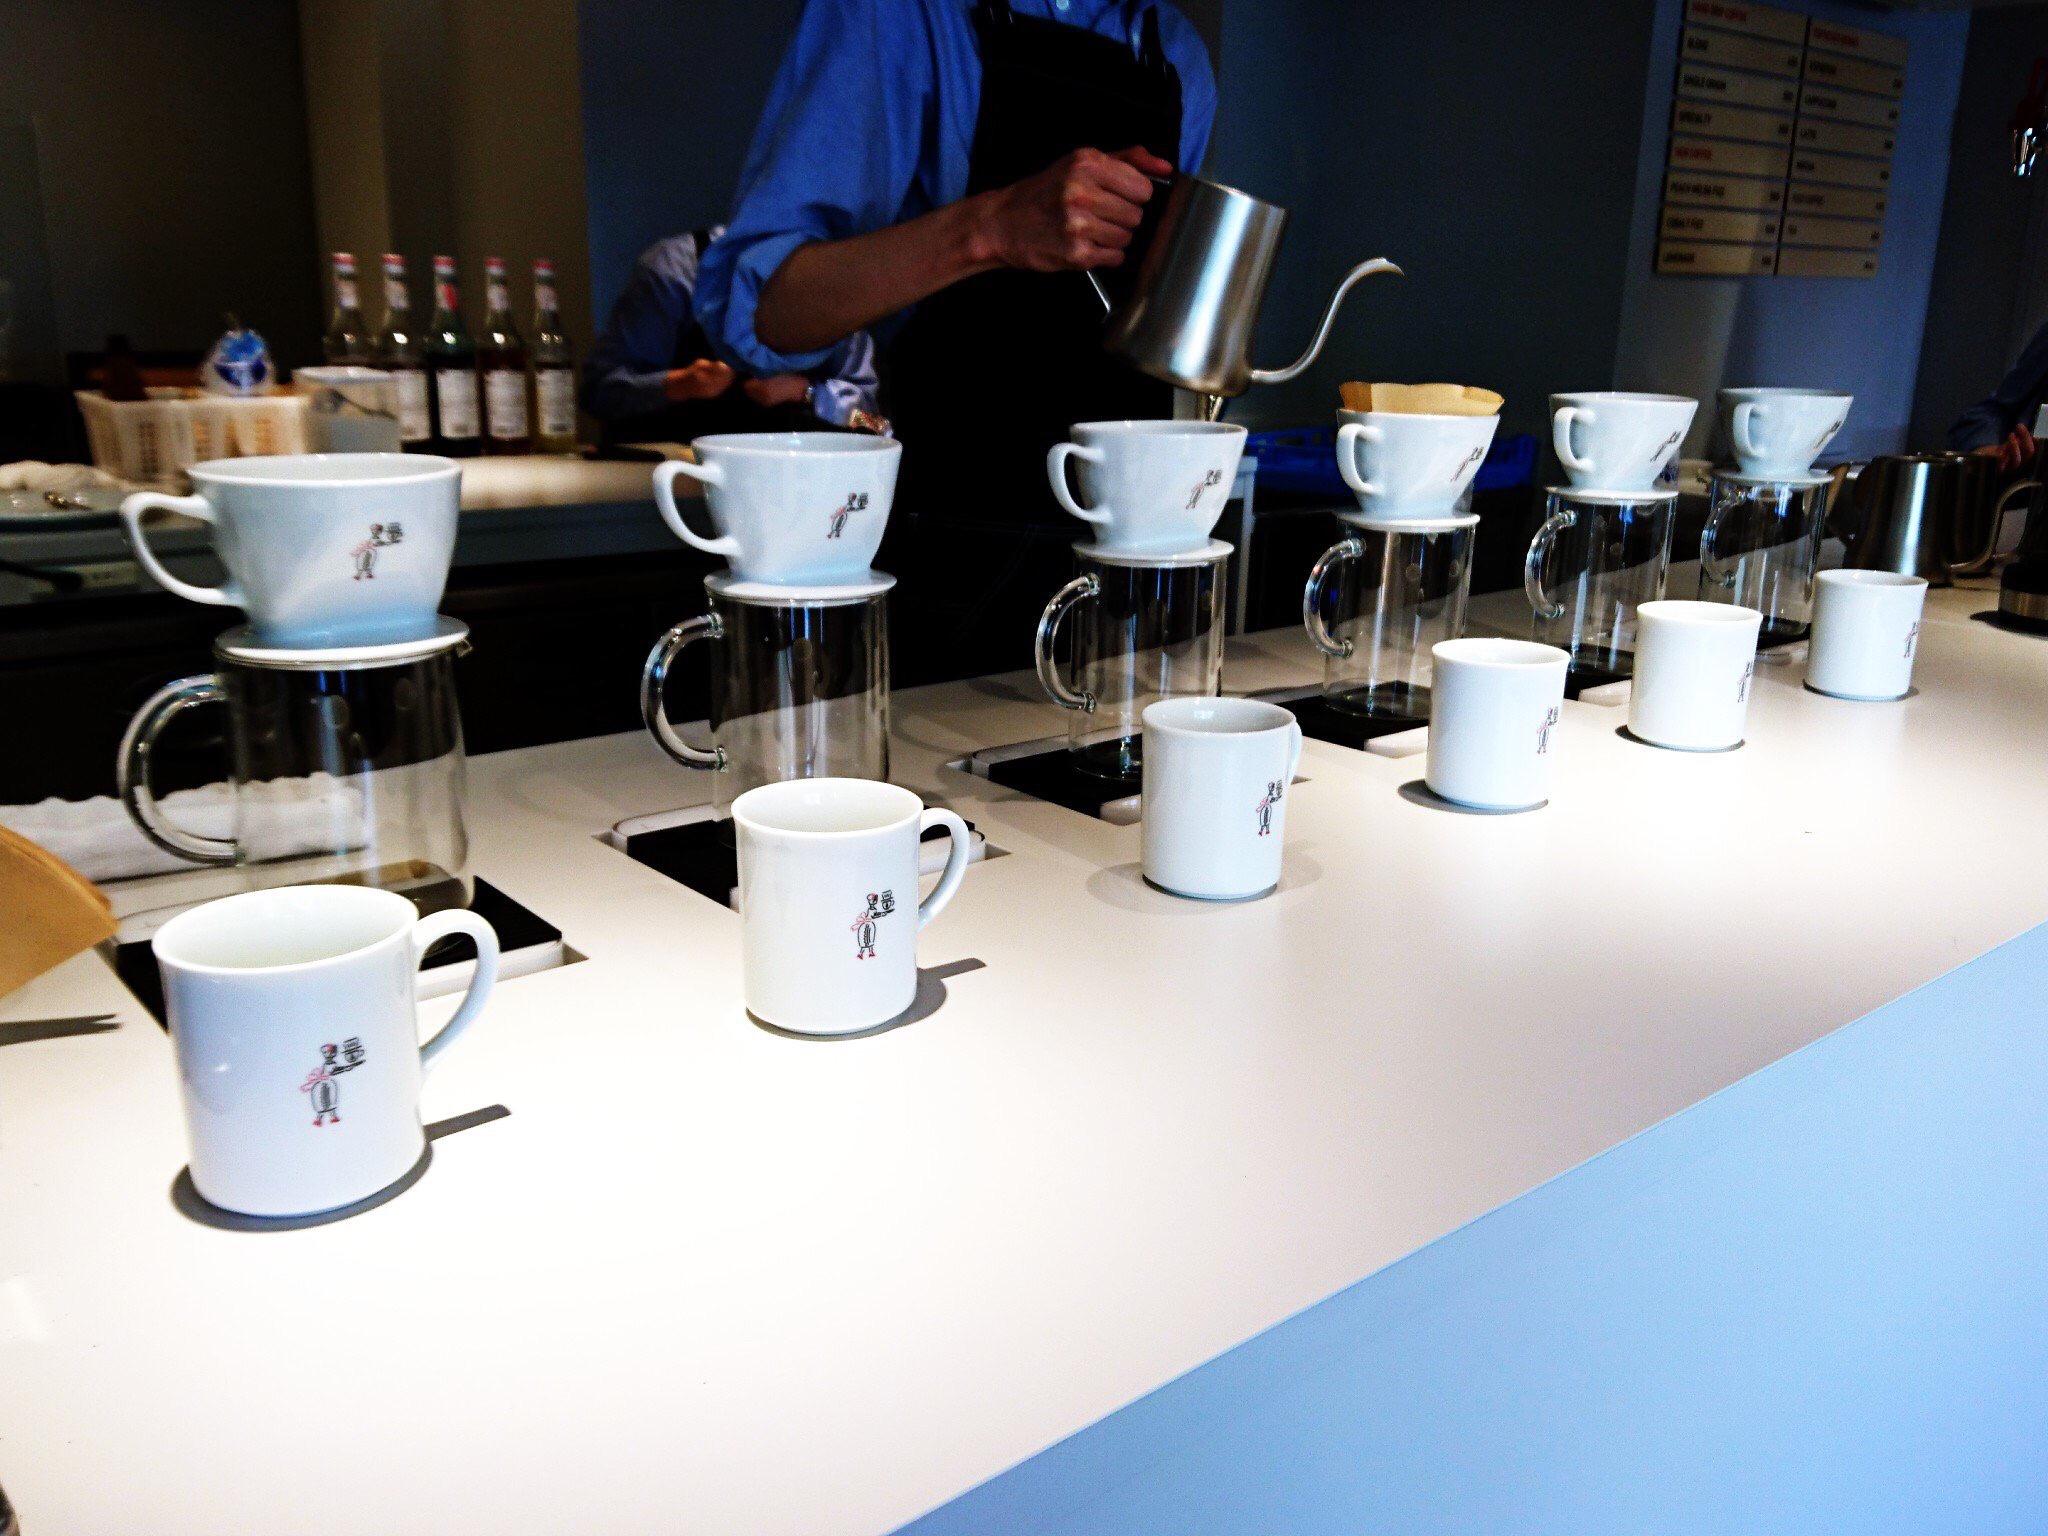 眼鏡橋すぐ横にツルさんのコーヒー眼鏡橋店がオープン!